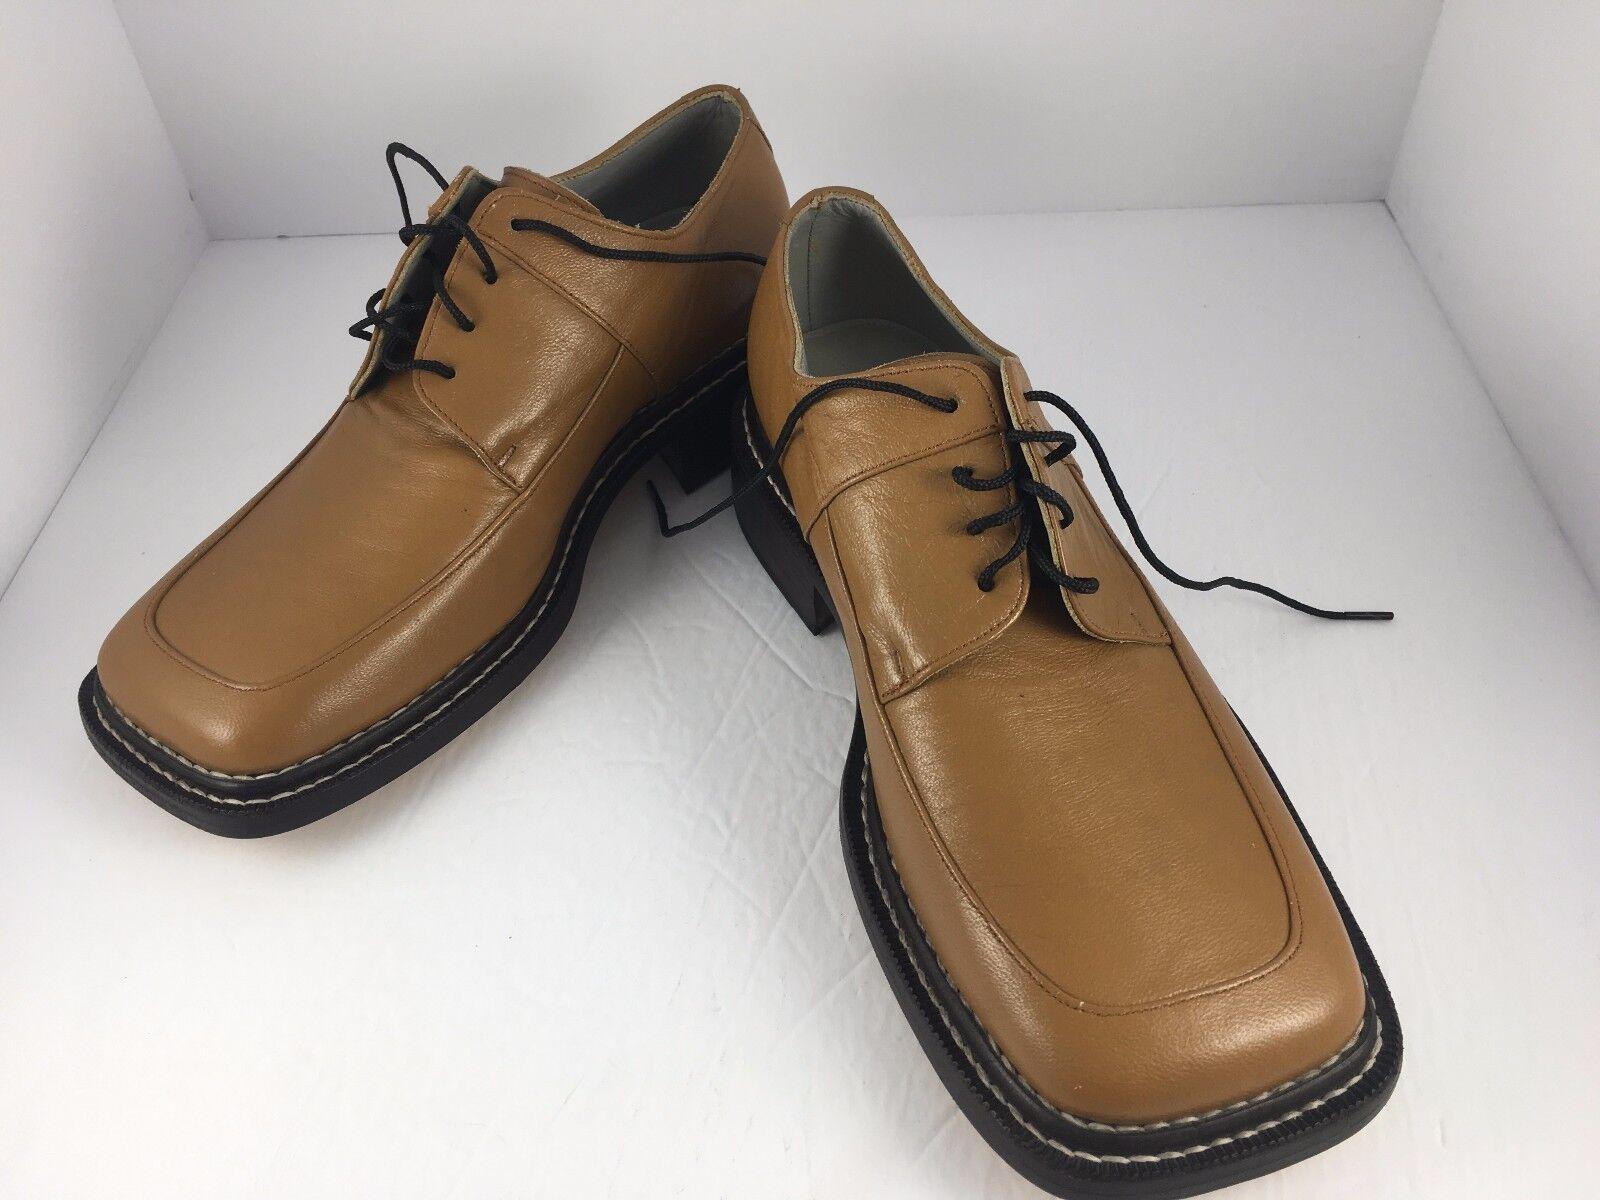 Bespoke tan Cuero Zapatos Puntera Cuadrada Benchmade Hecho a Mano Amplio Suela De Cuero D